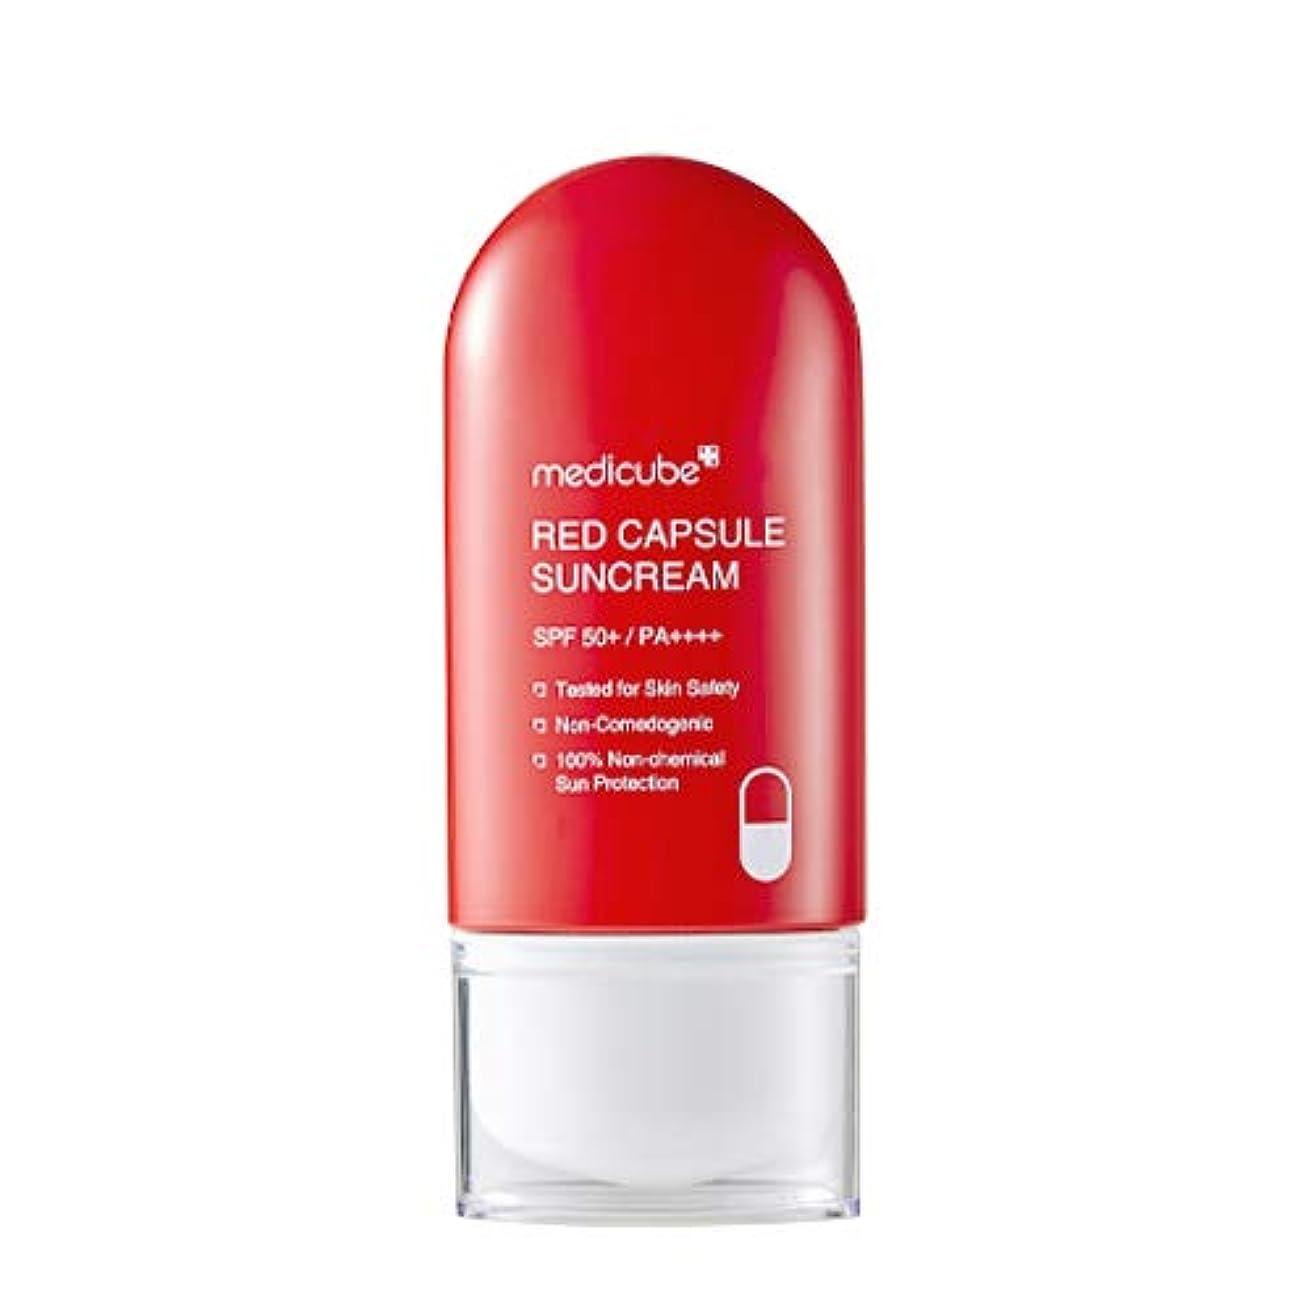 貴重なフェザー花嫁[medicube] Red Capsule Suncream SPF50+/ PA++++ / [メディキューブ] レッドカプセルサンクリーム SPF50+/ PA++++ [並行輸入品]